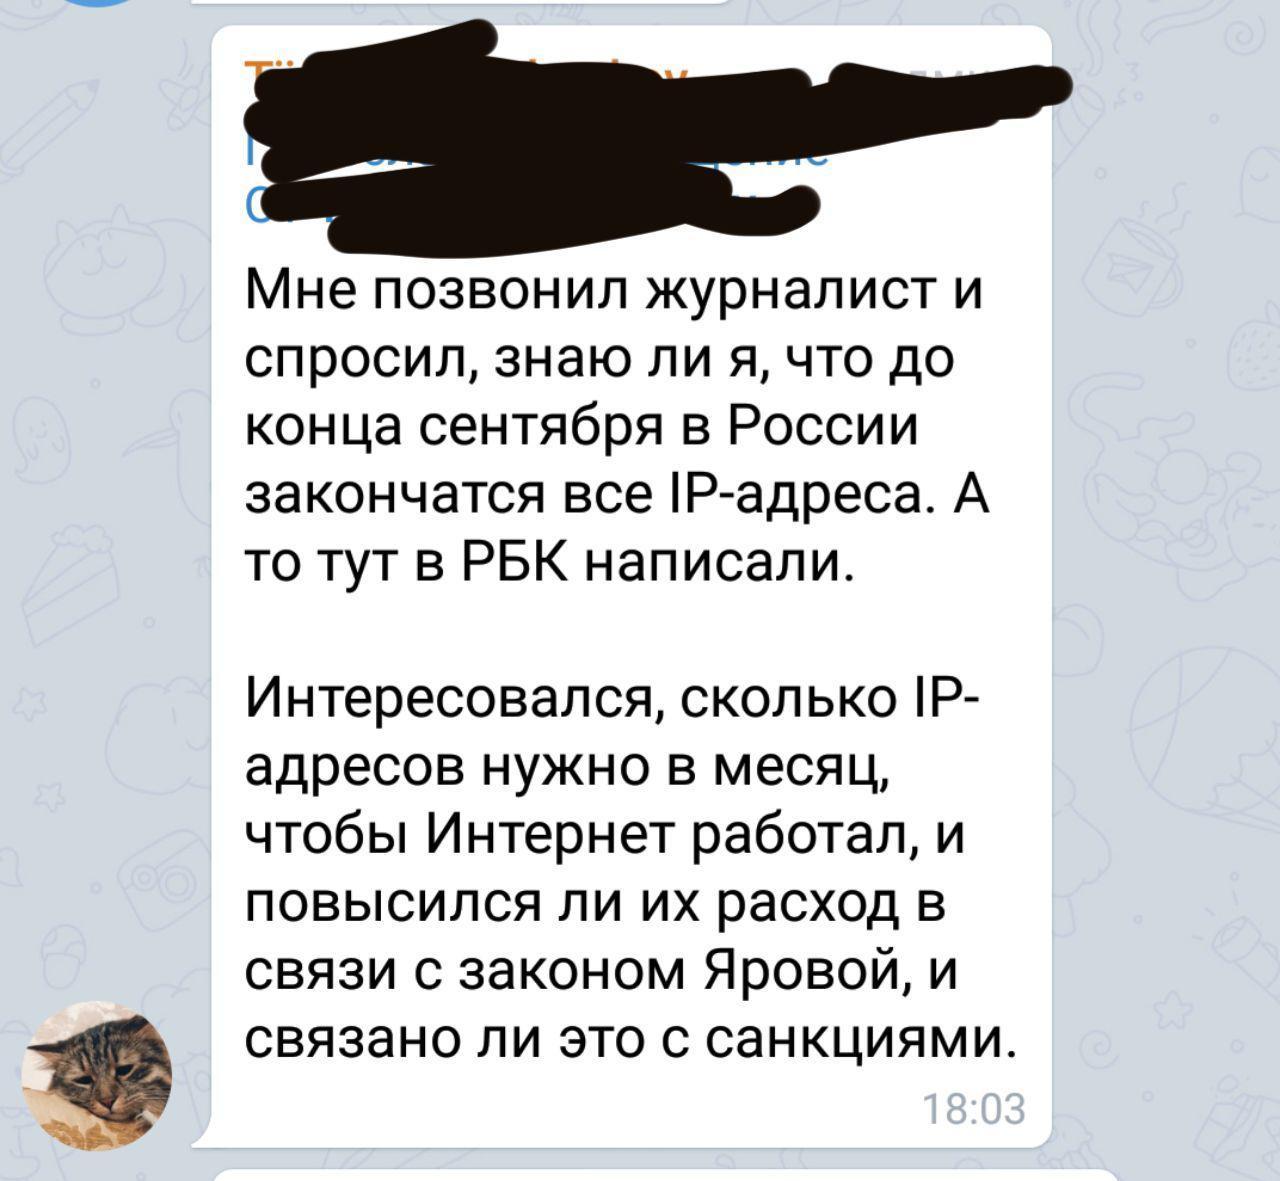 СМИ подняли панику, что «в России кончаются IP-адреса». Как на самом деле? - 2